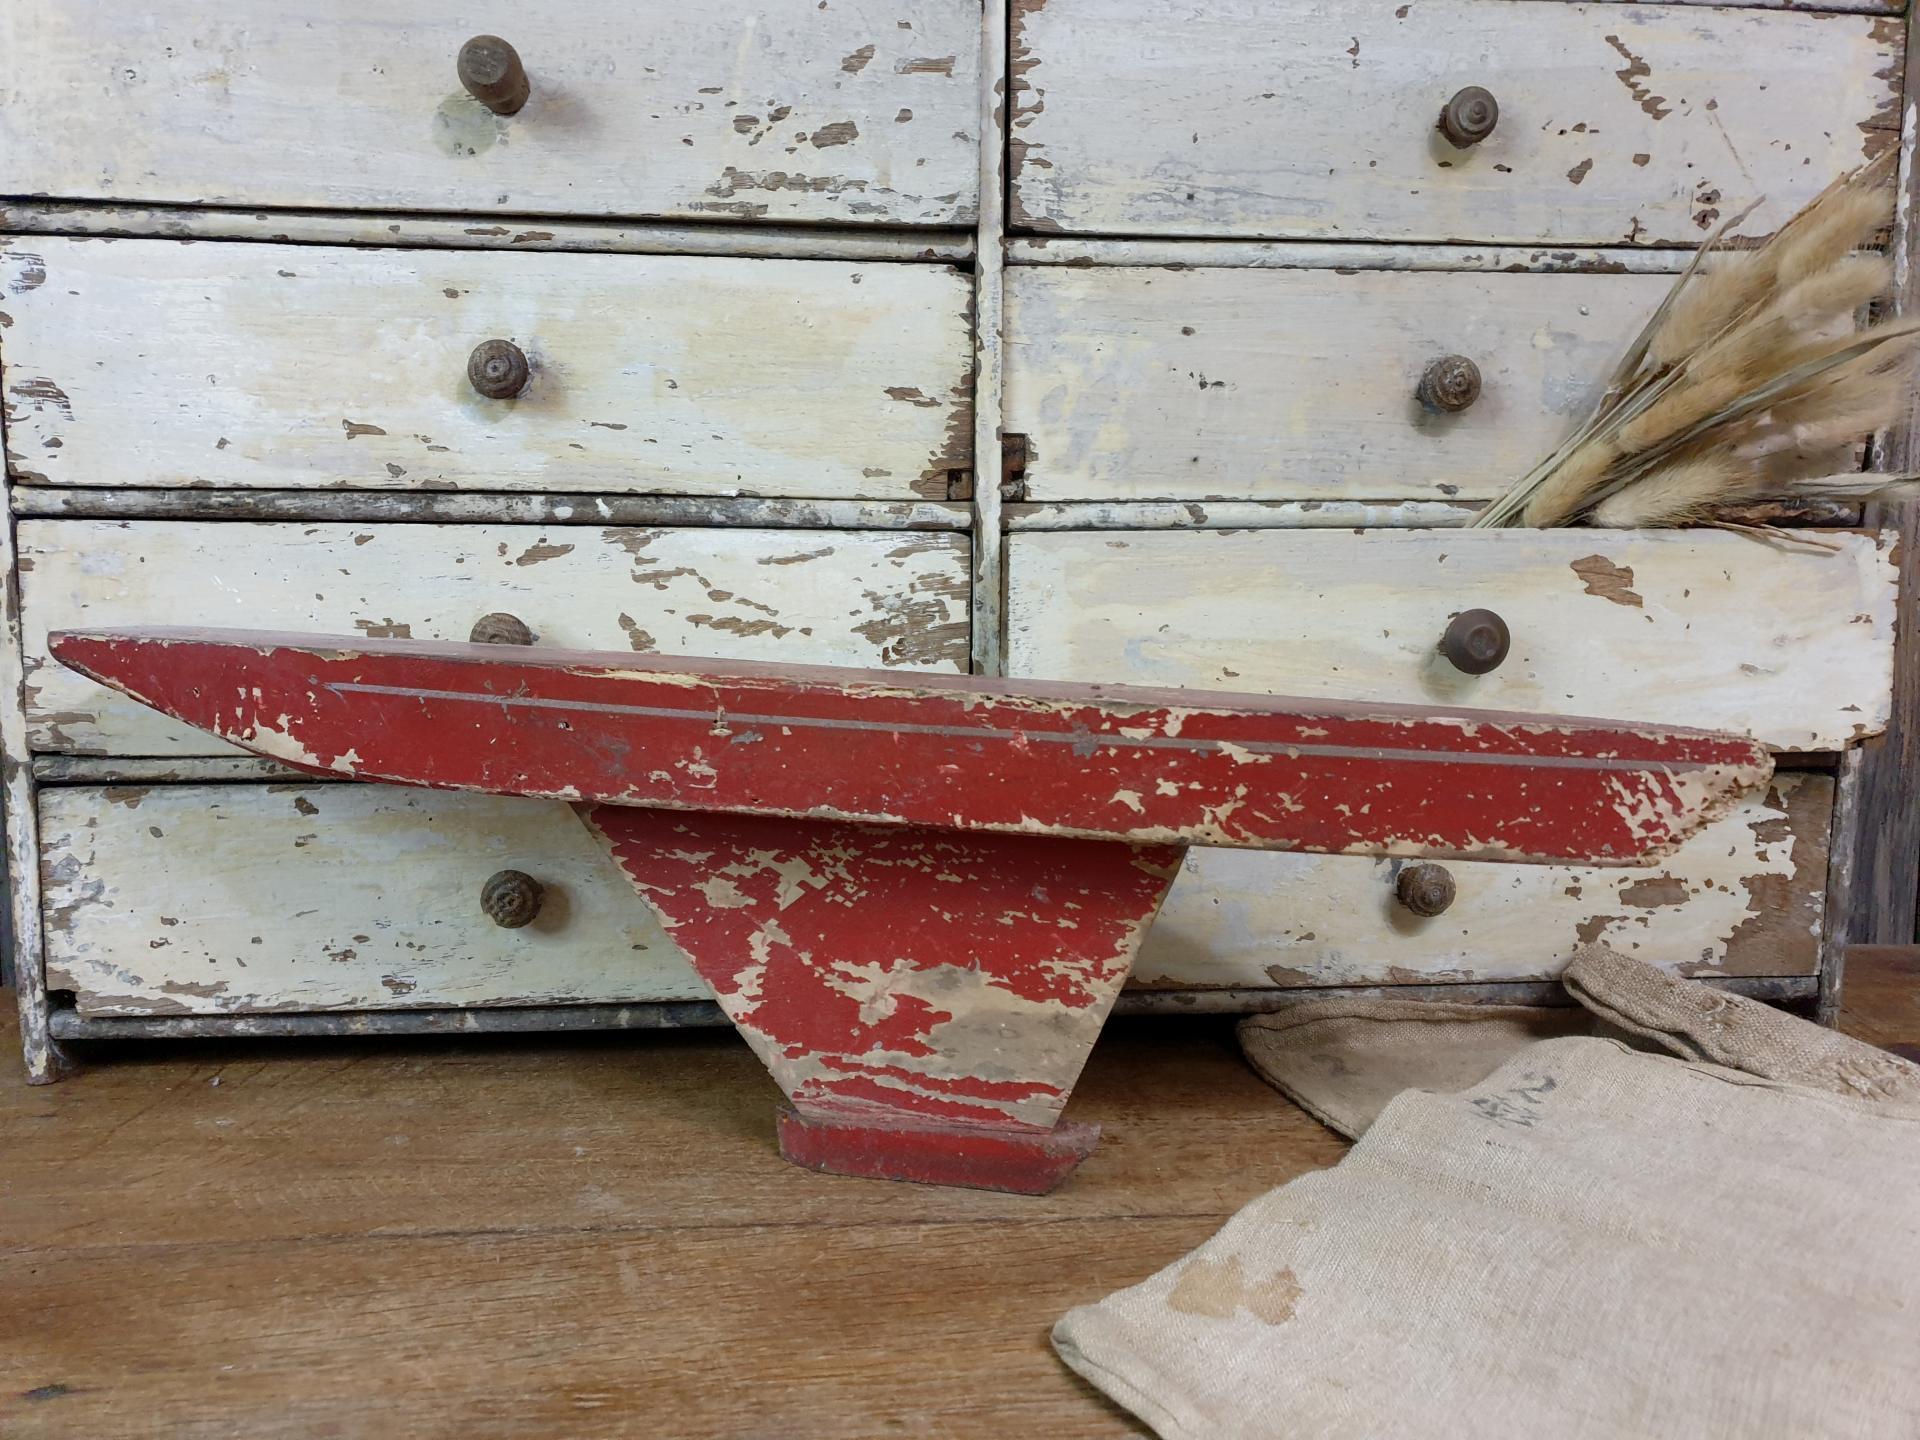 0 bateau de bassin coque rouge